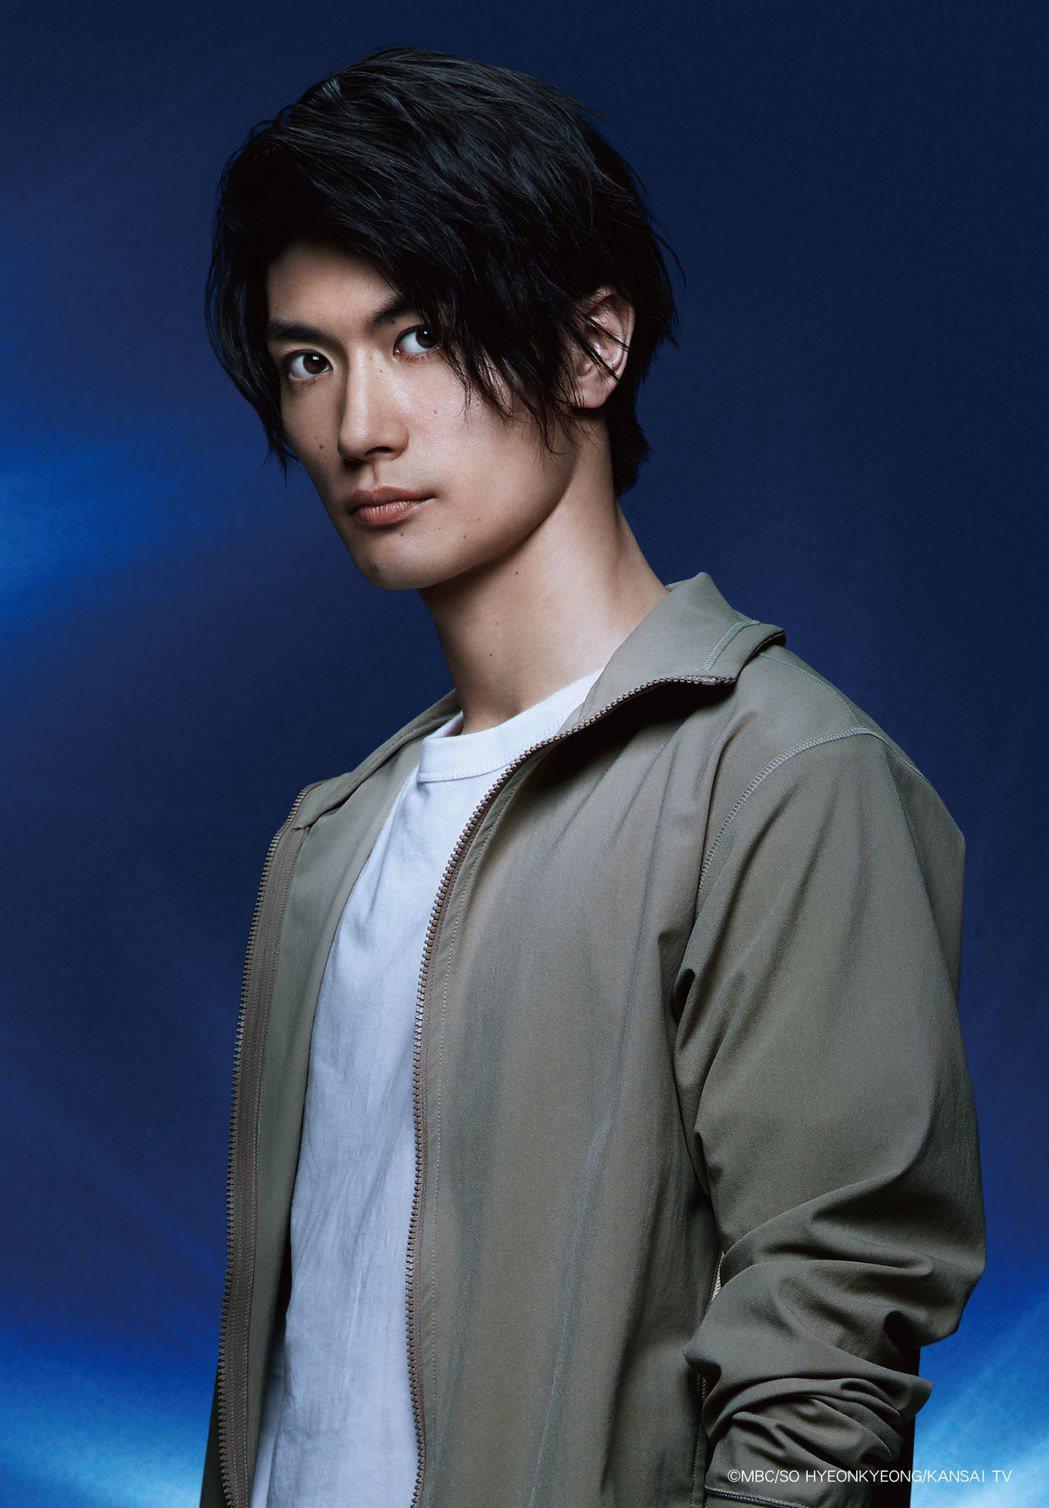 日本人氣男星三浦春馬,將於8月29日來台舉辦見面會。圖/雅慕斯娛樂提供